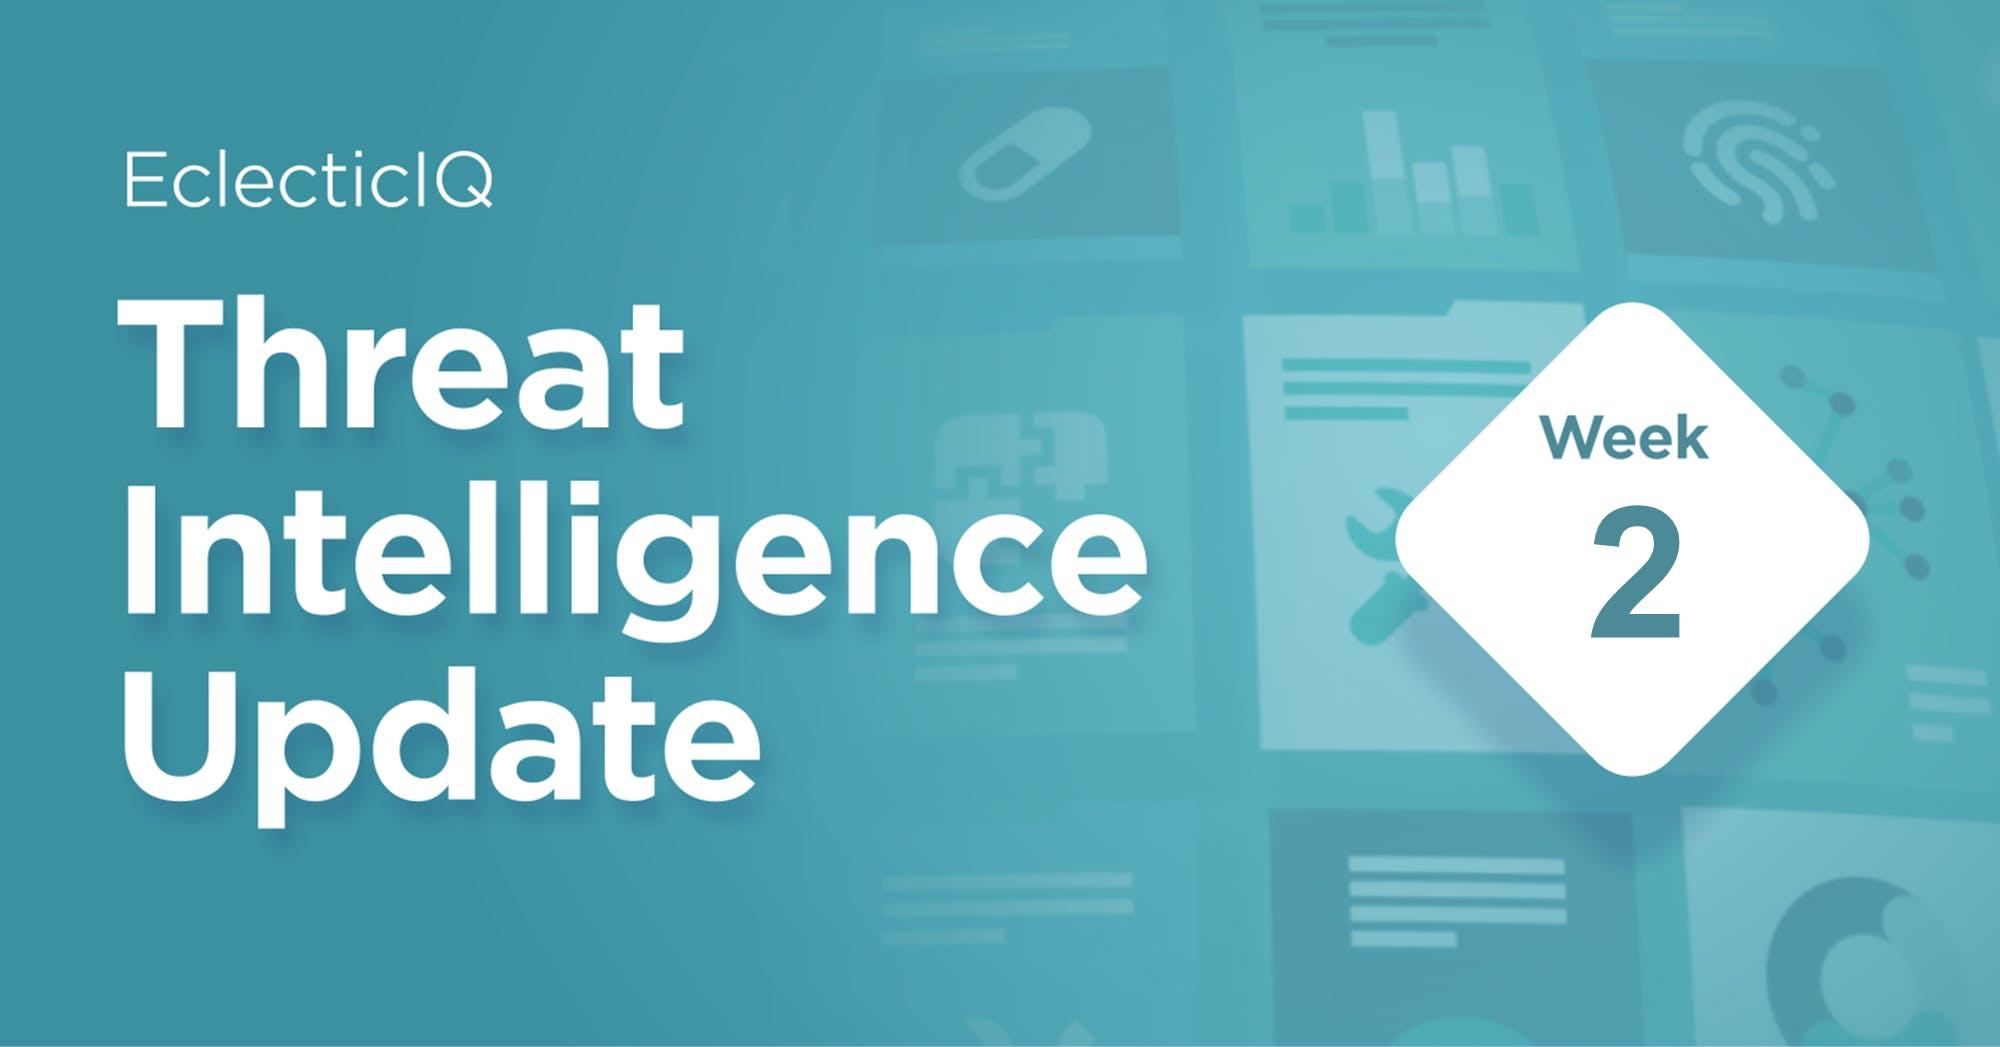 Threat Intelligence Update Week 2-biweekly Report